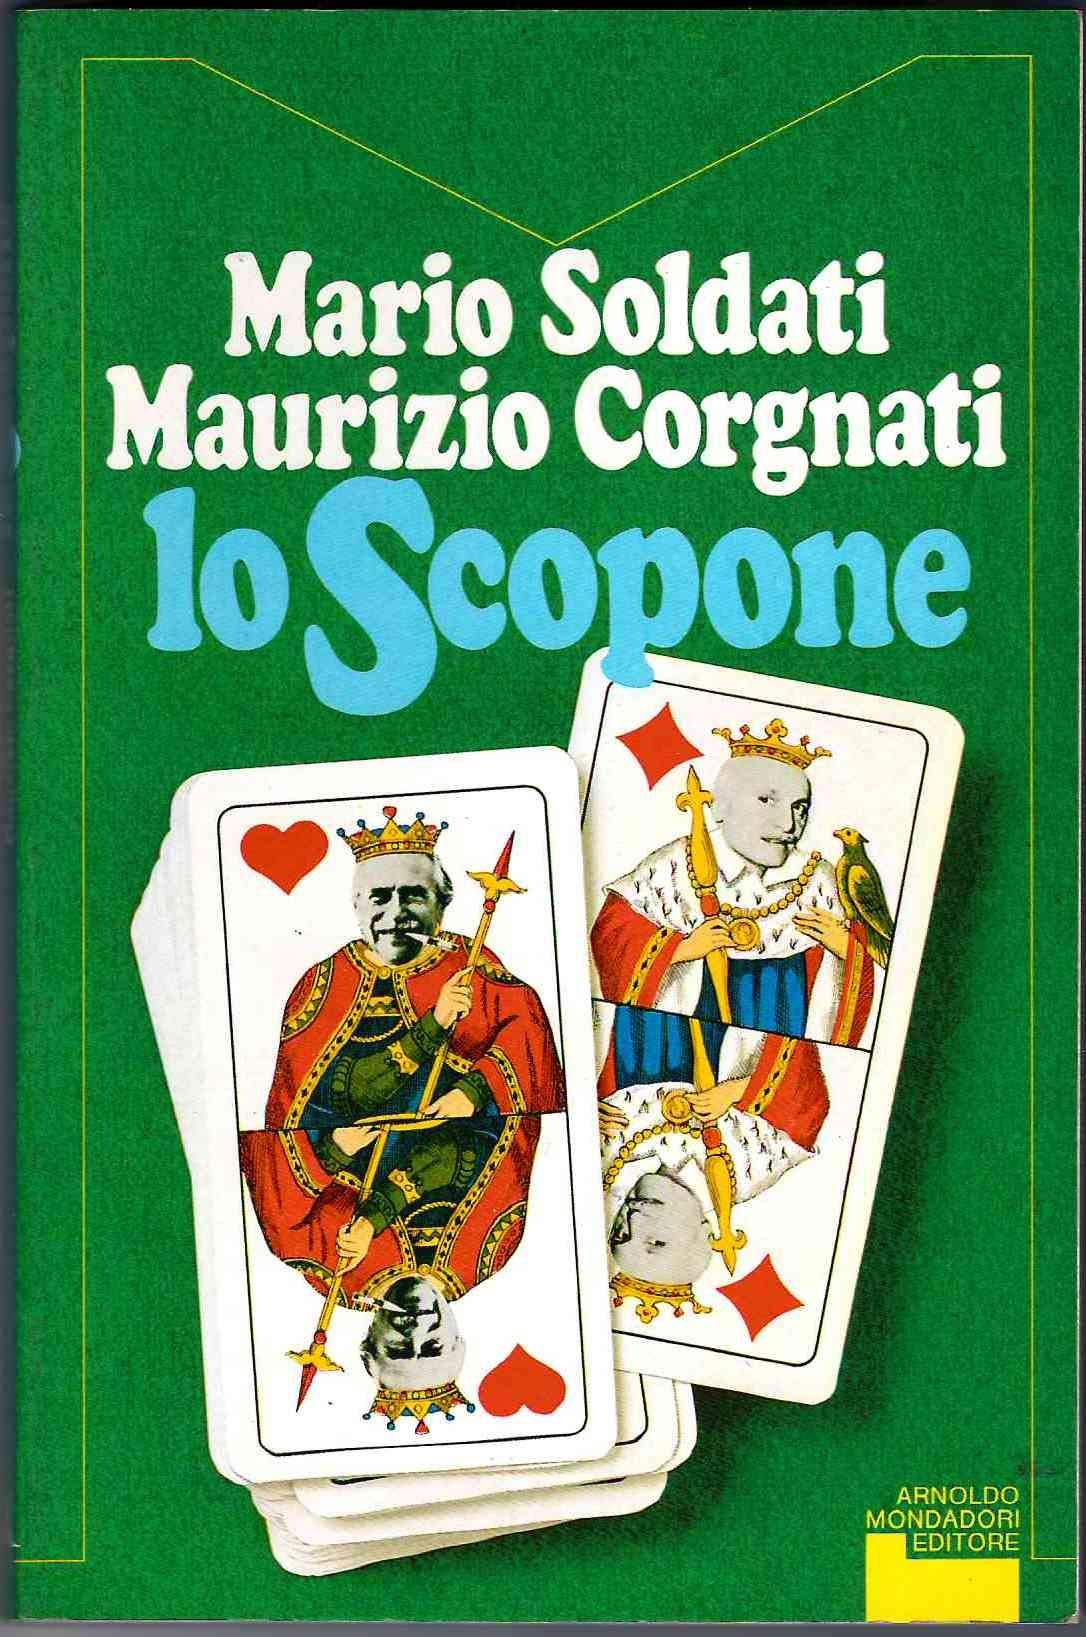 Amazon.it: Lo Scopone - Mario Soldati - Maurizio Corgnati - Libri